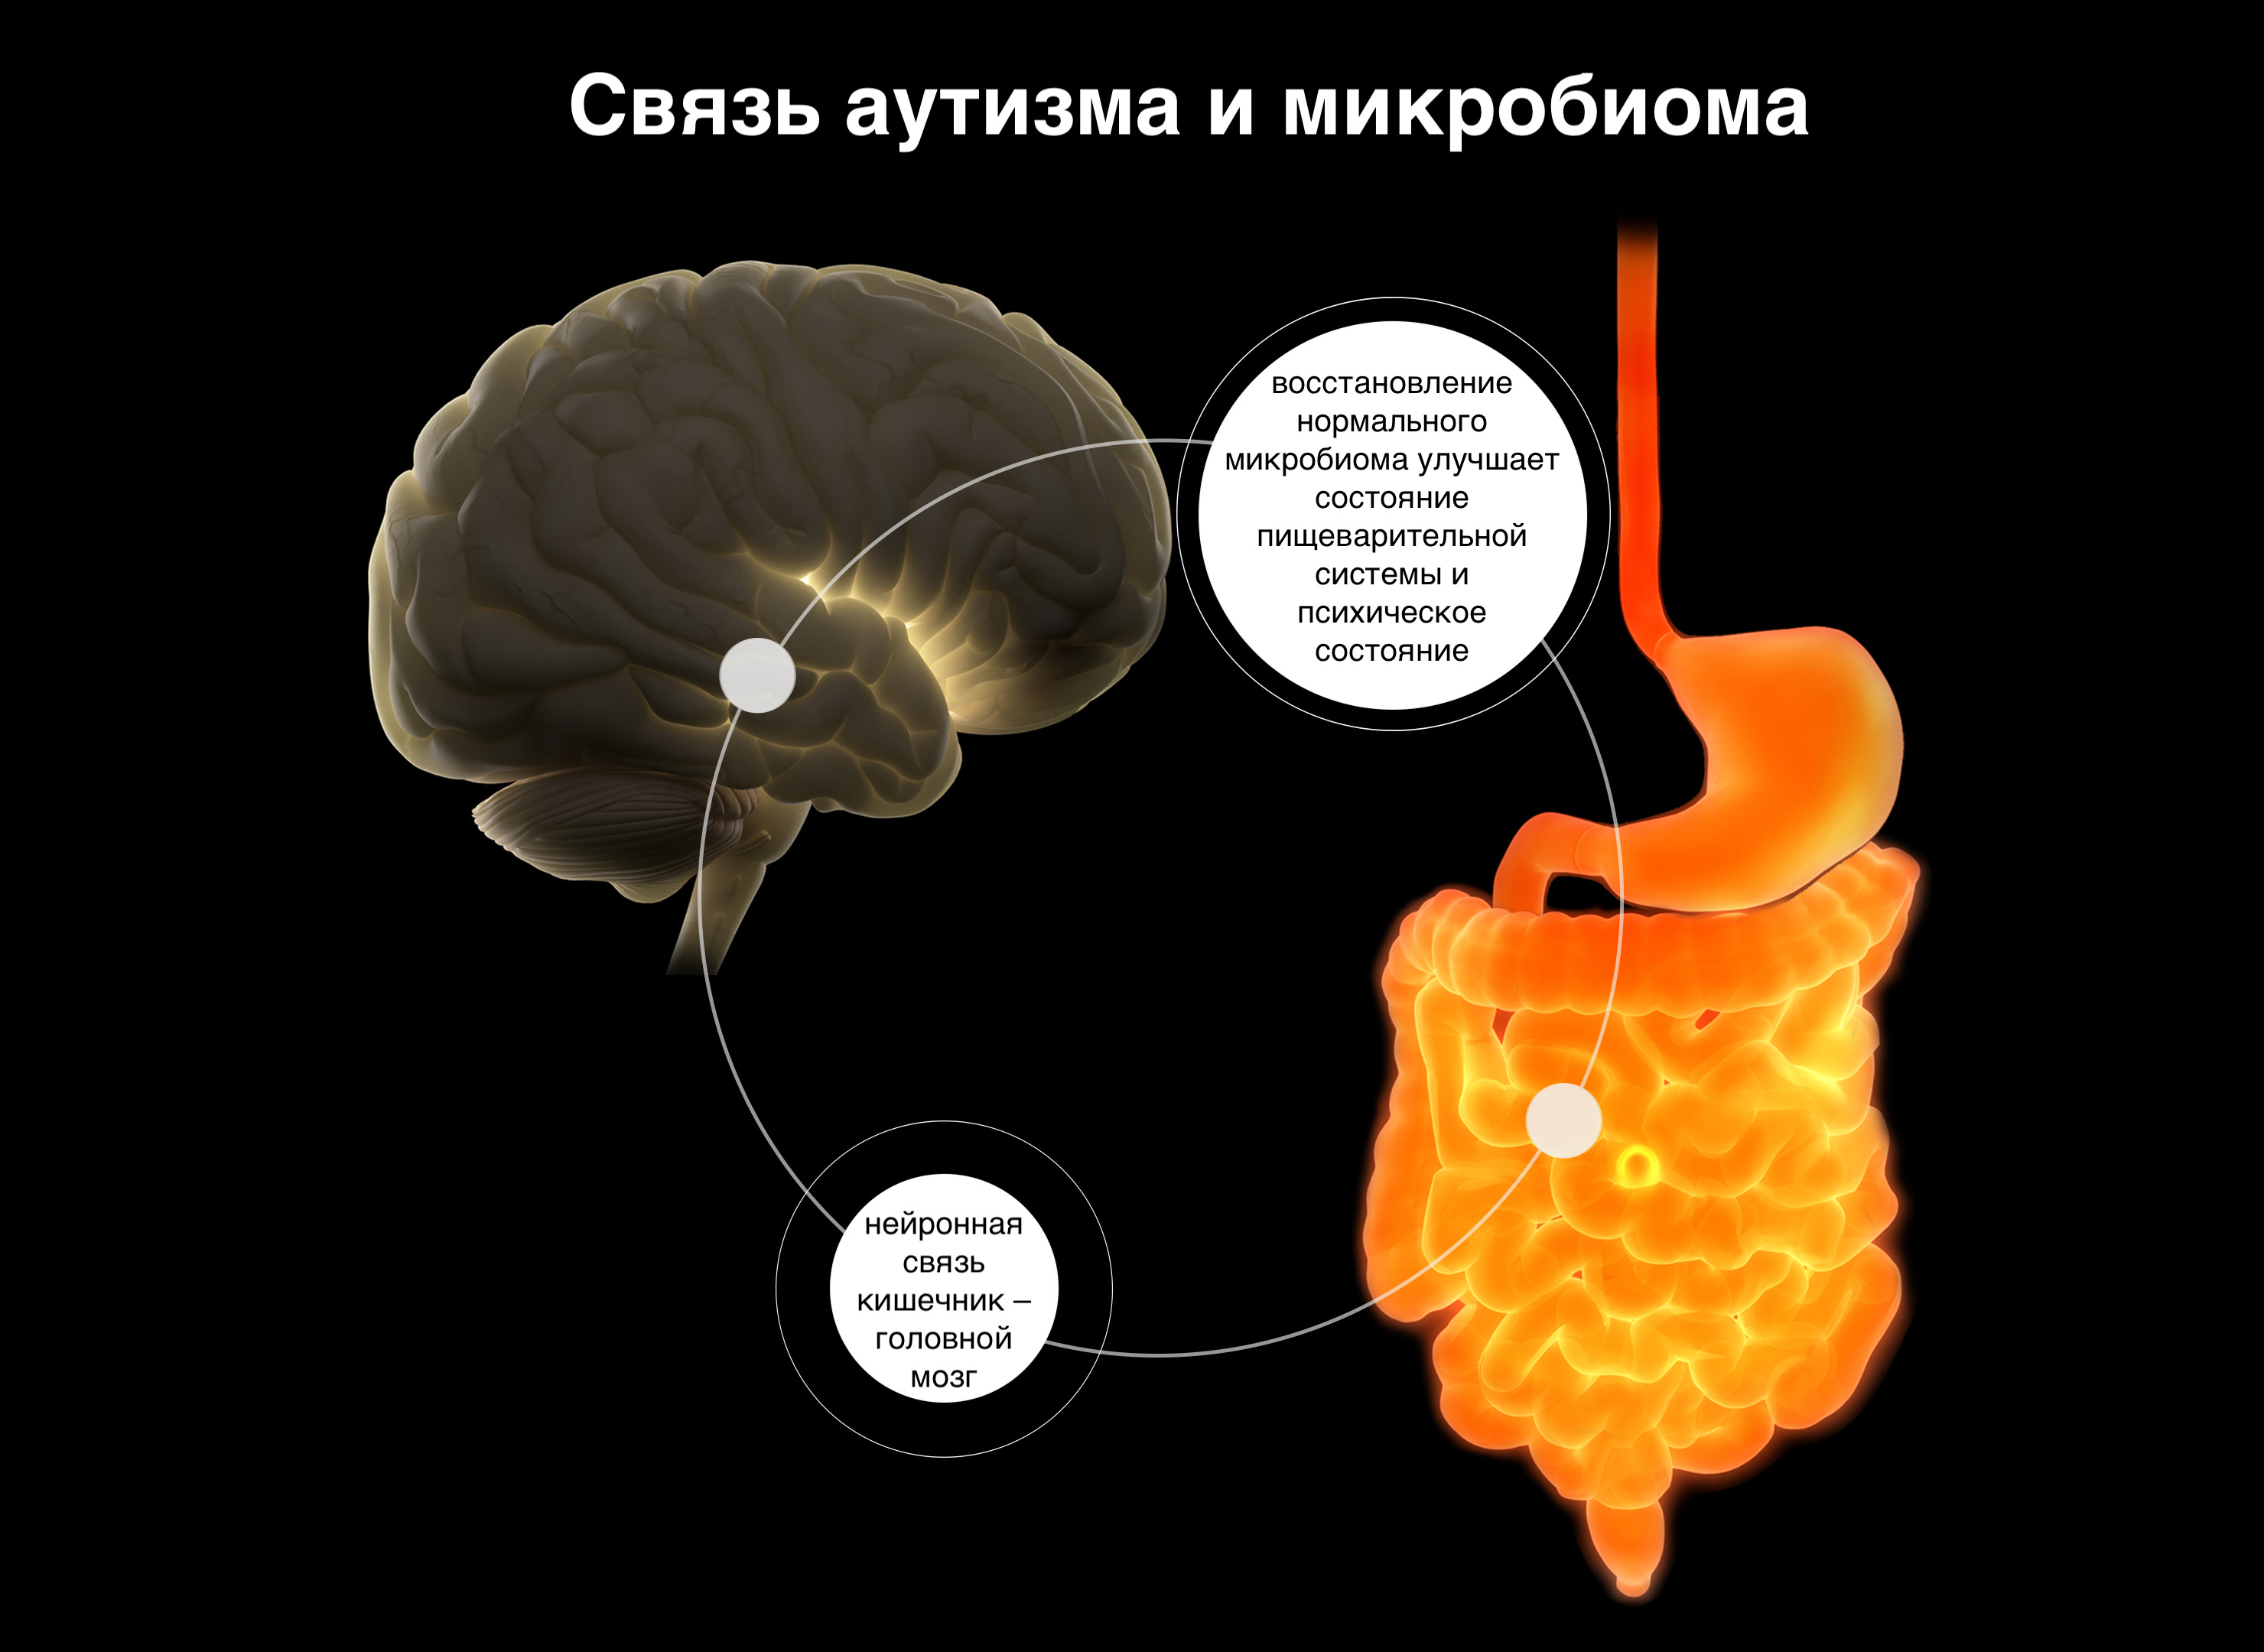 Учёные предполагают, что микрофлора кишечника влияет на процесс передачи информации в головной мозг и на состояние нервной системы в целом.